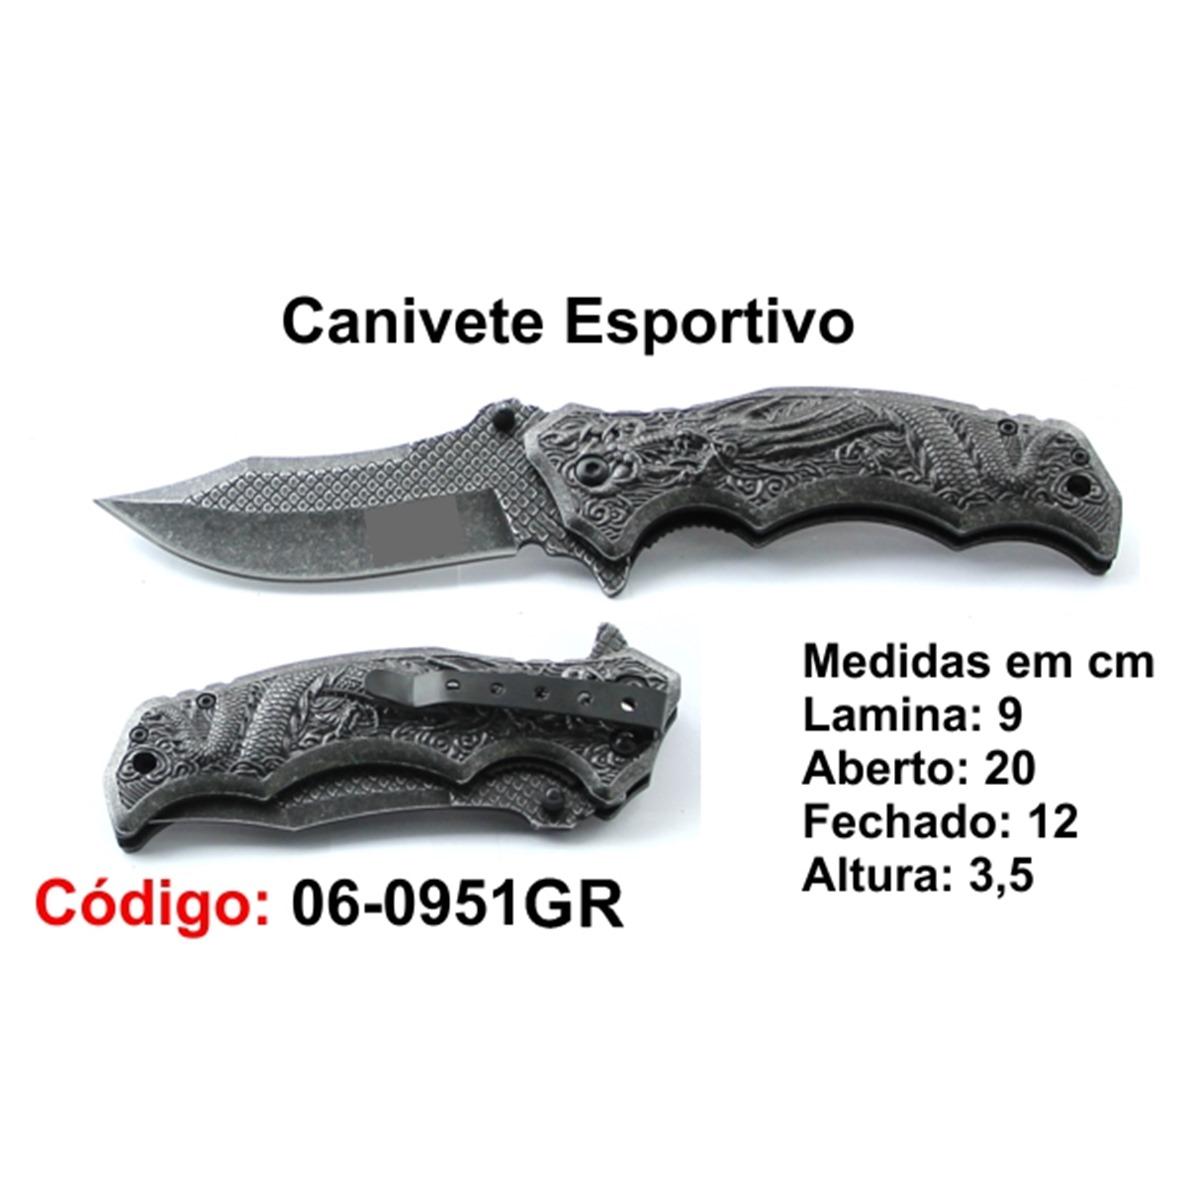 Canivete Esportivo Caça Pesca Etc. 06-0951GR